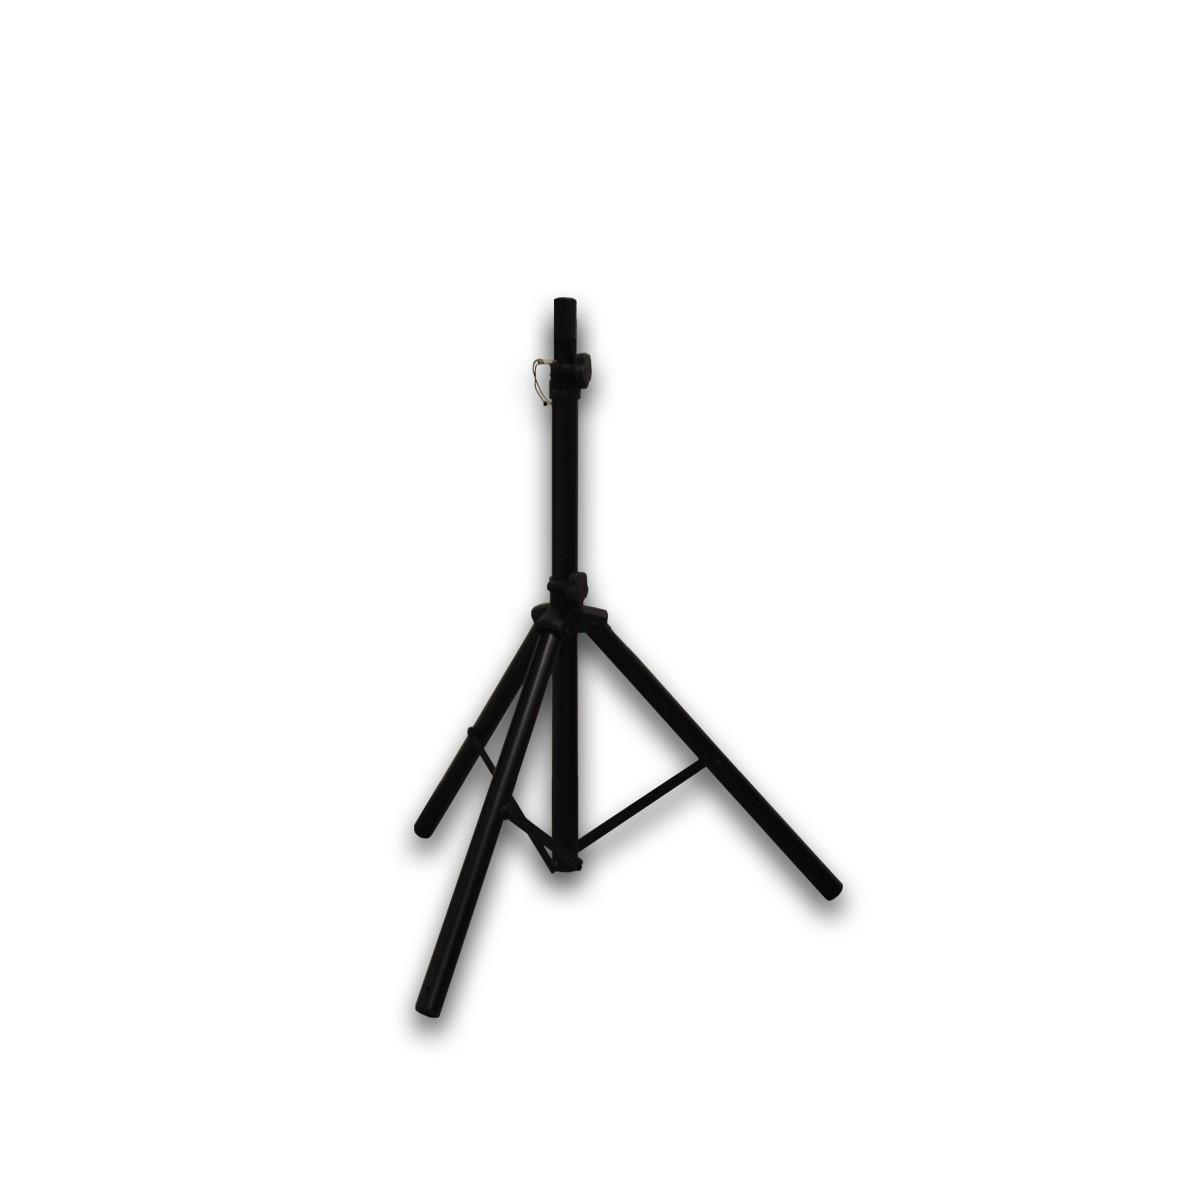 PremiumX Dreibein Stativ DELUXE PRO STAHL Ø 32mm 150cm Höhe schwarz SAT Tripod Ständer für Satellitenschüssel bis 85cm Spiegel Balkon Camping inkl. 3x massive Stahl-Heringe